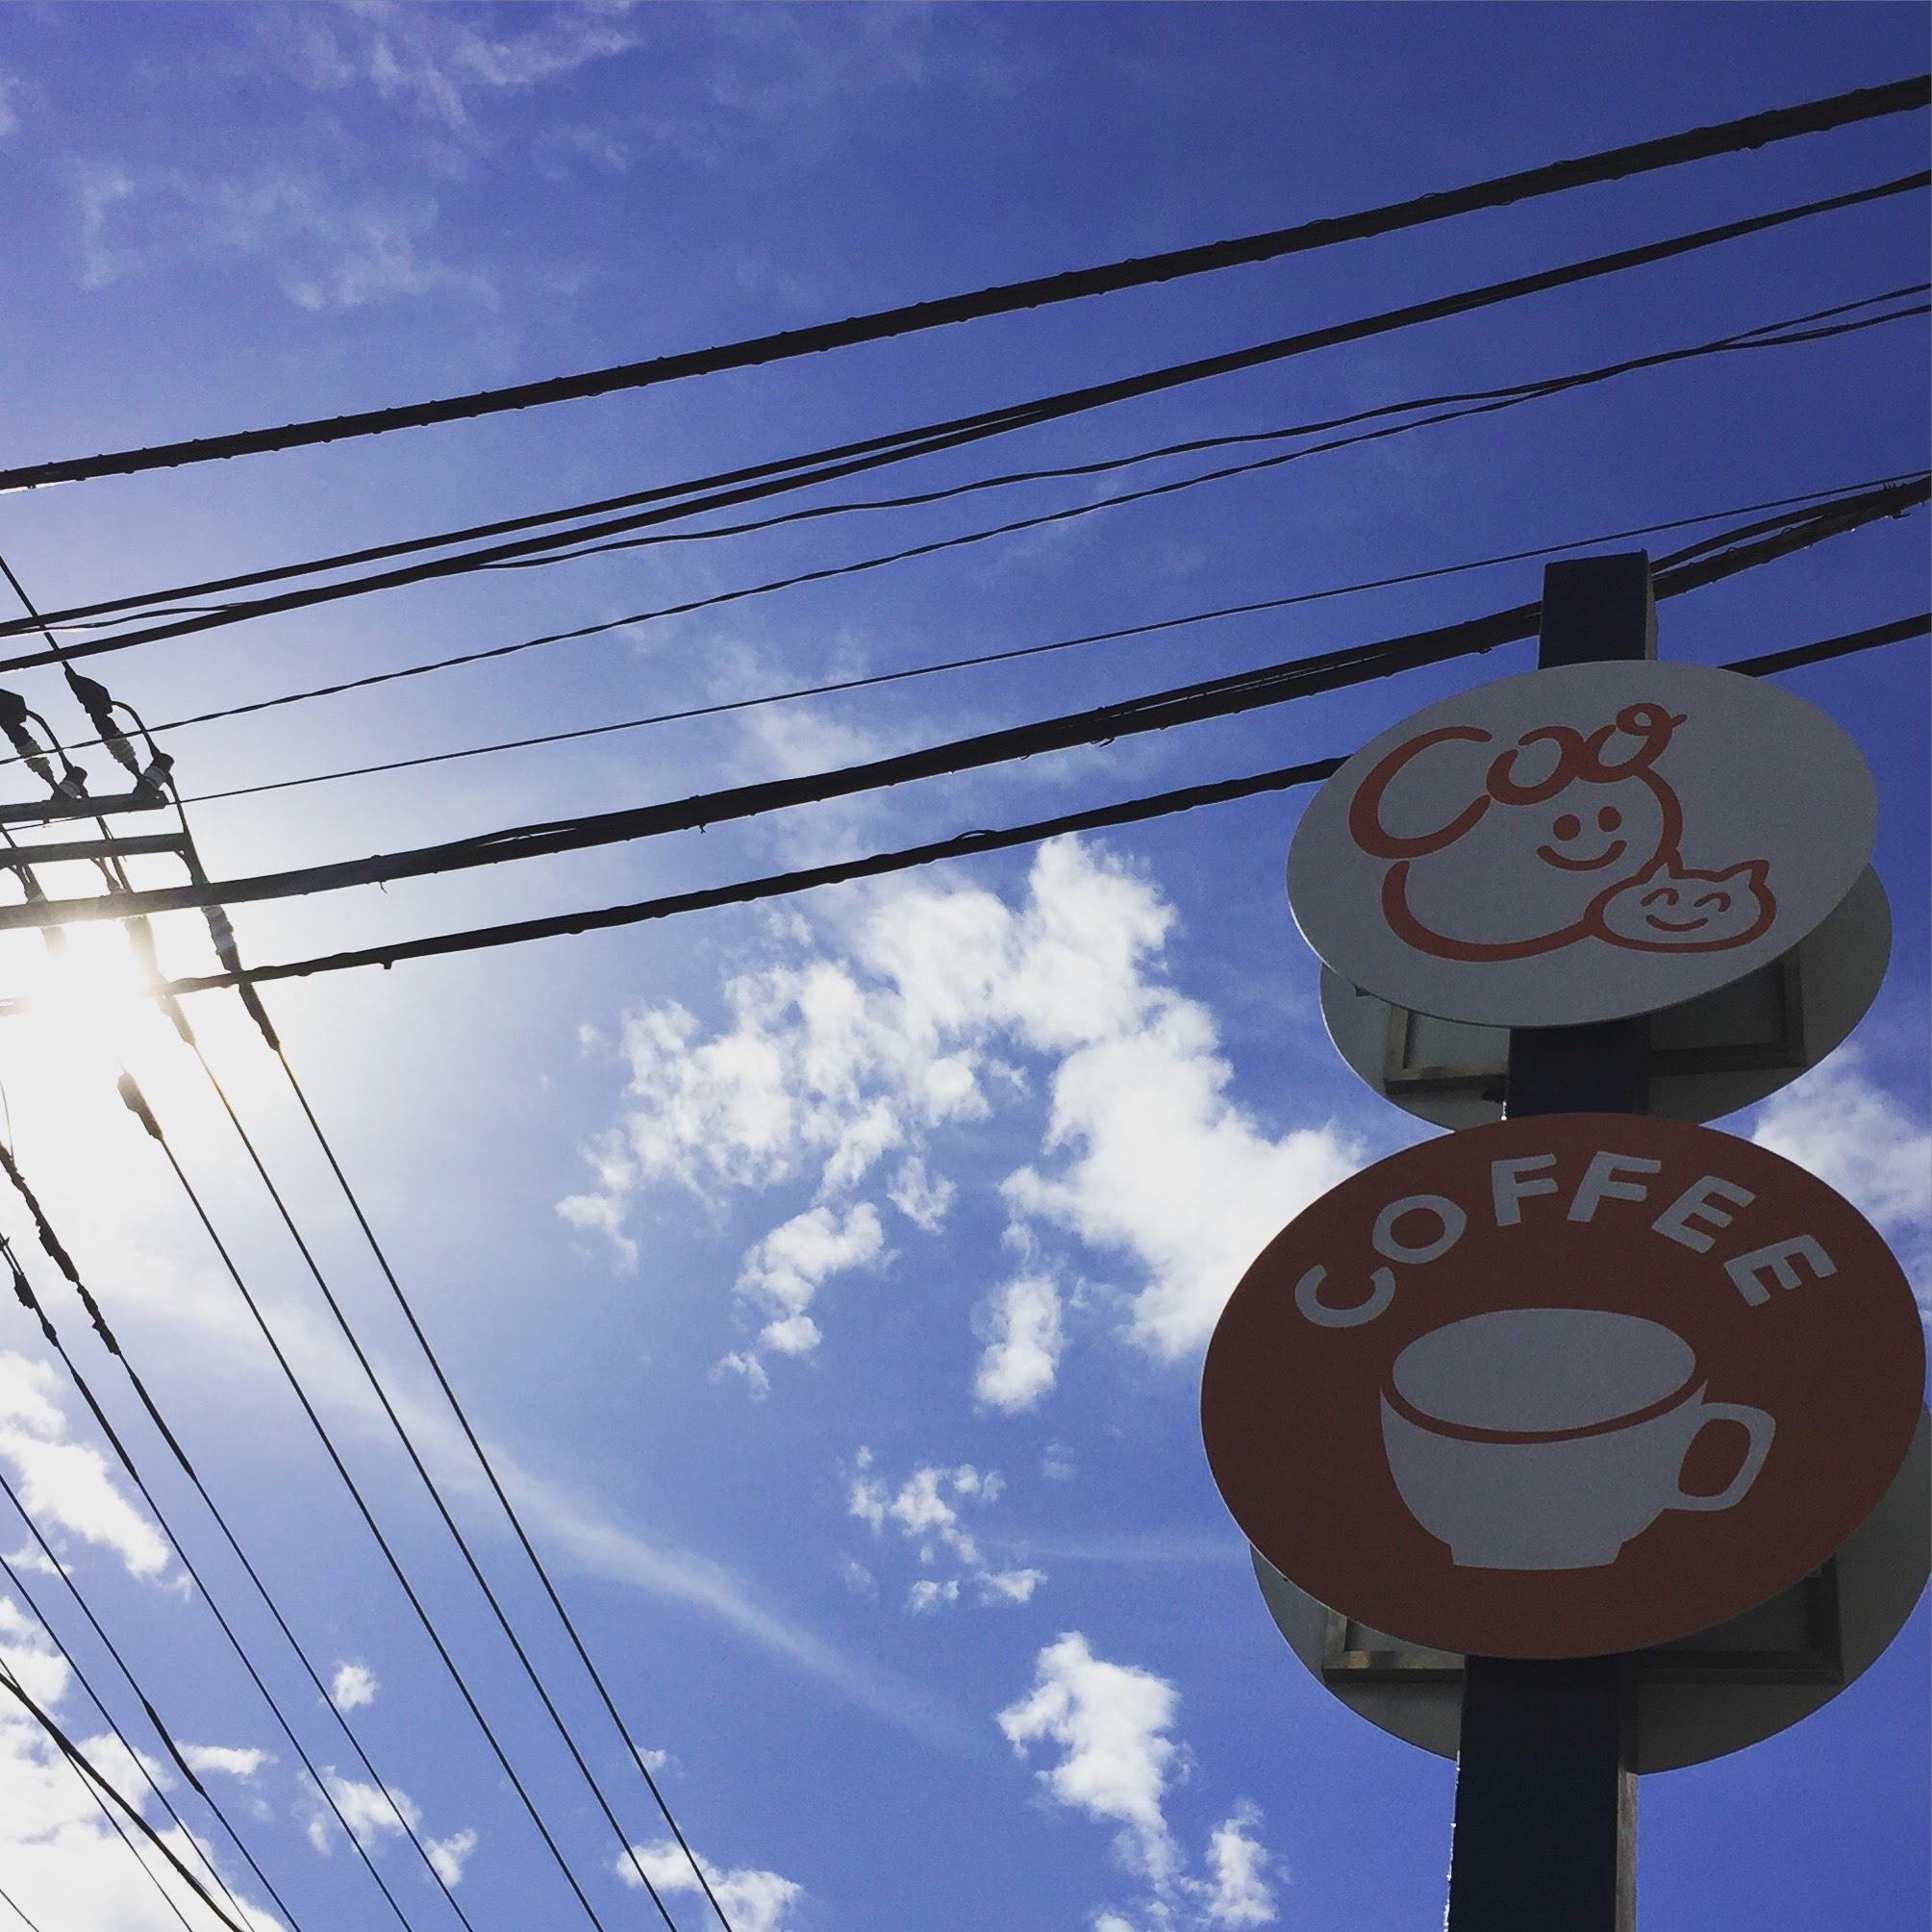 31歳。子供たちと一緒のカフェ経営(後編)〜カフェ開店から今日まで〜 1